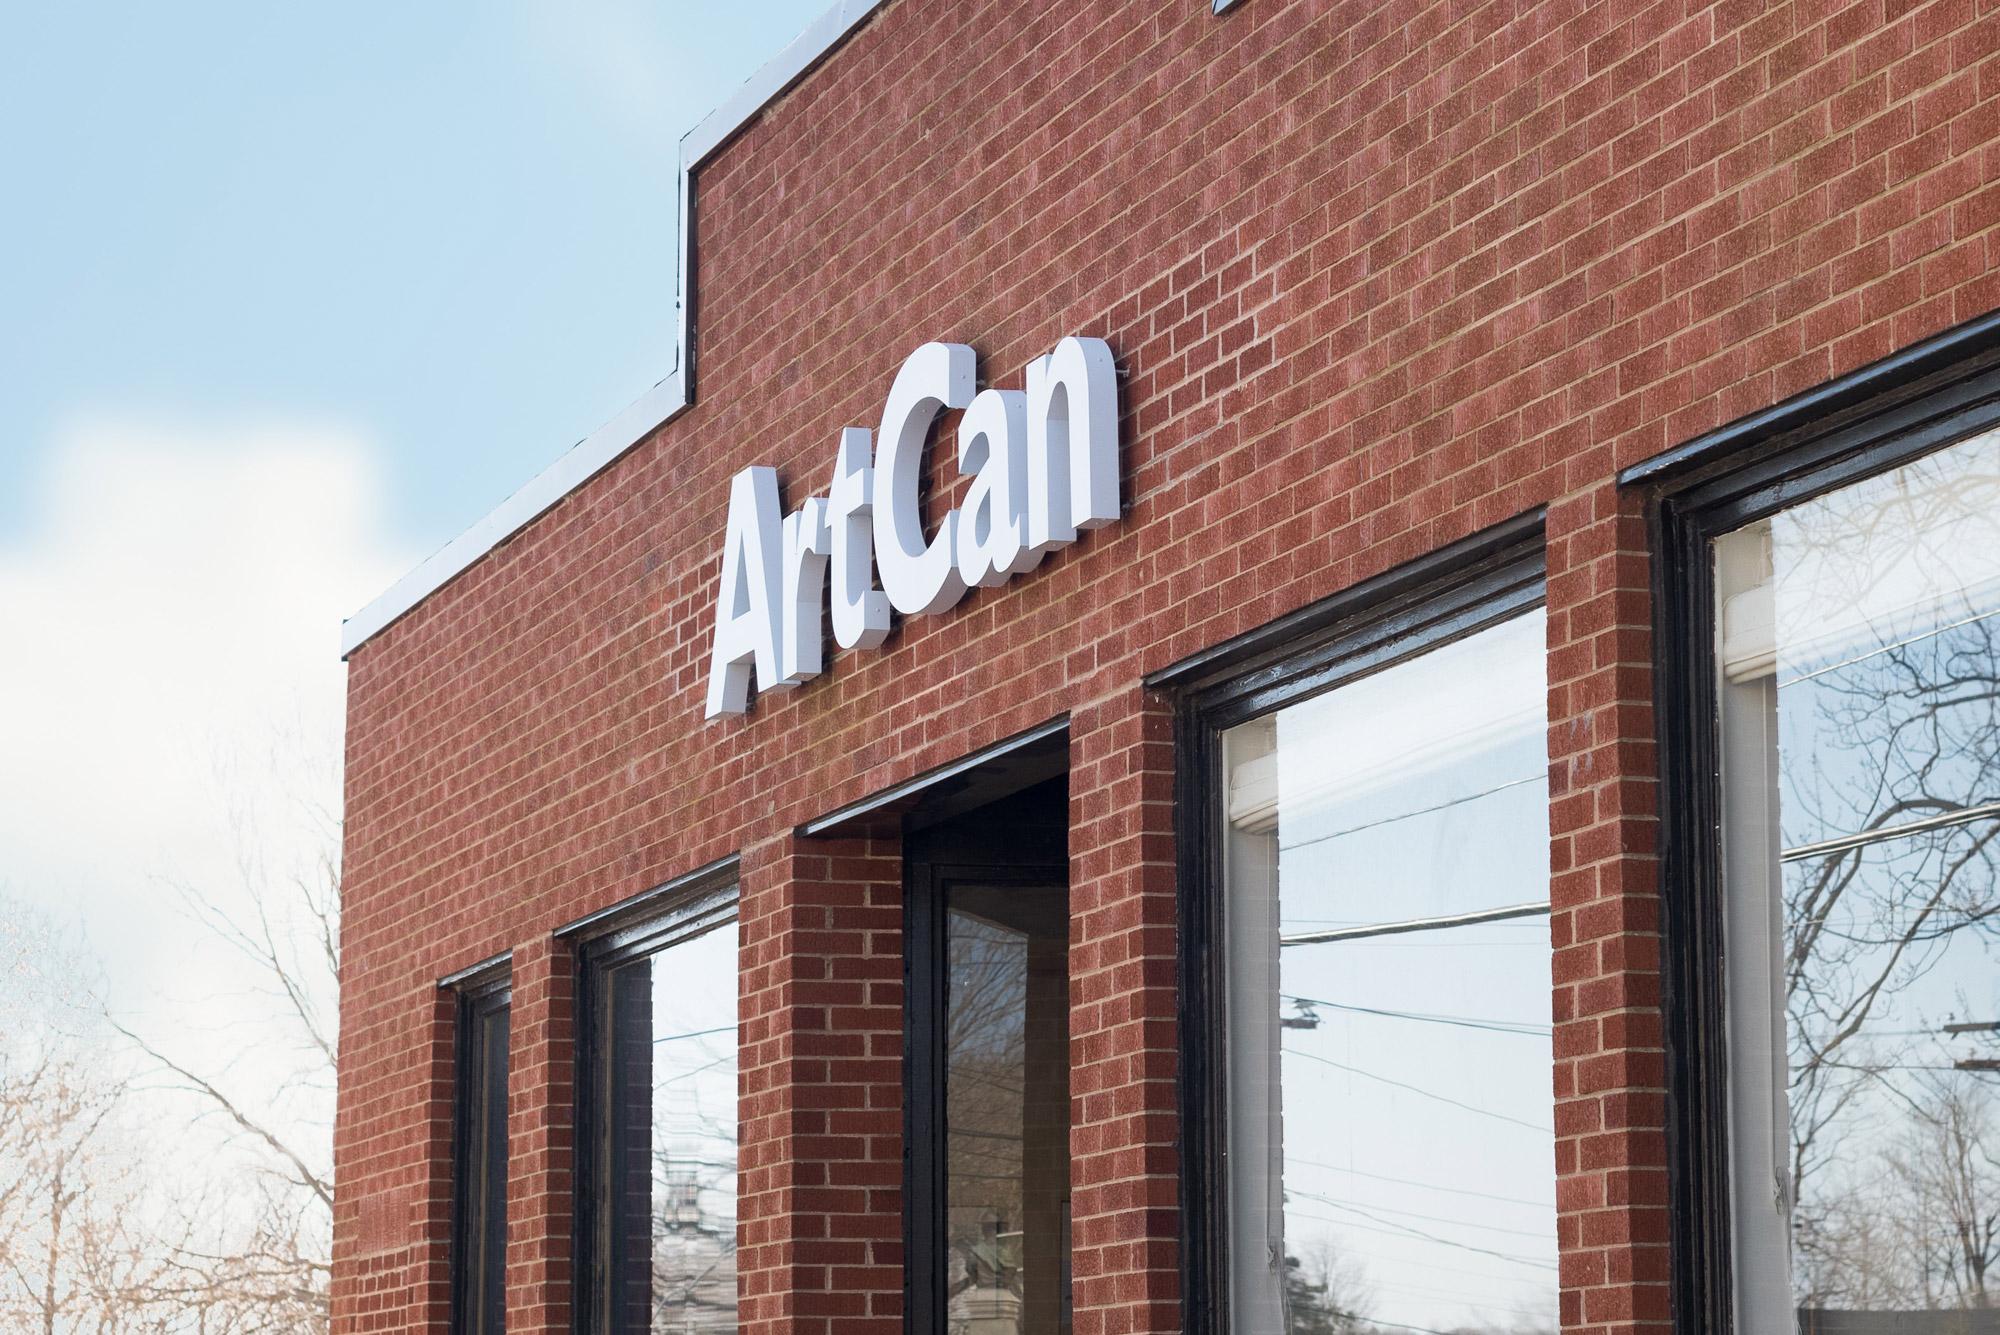 ArtCan exterior